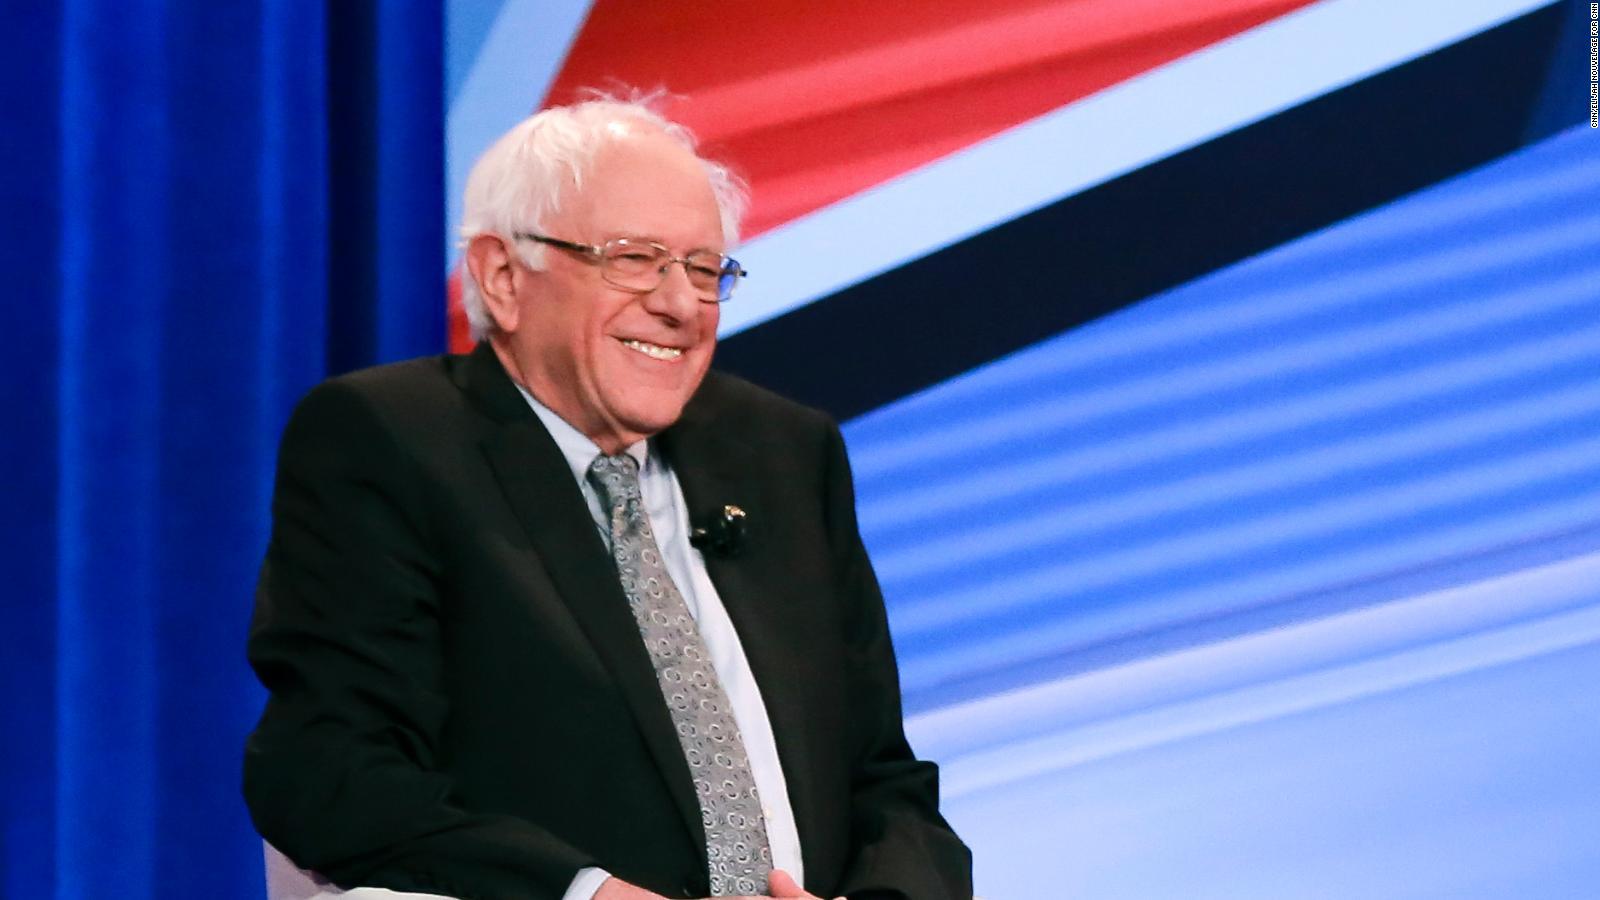 Ser rico, ¿afecta la credibilidad de Bernie Sanders?